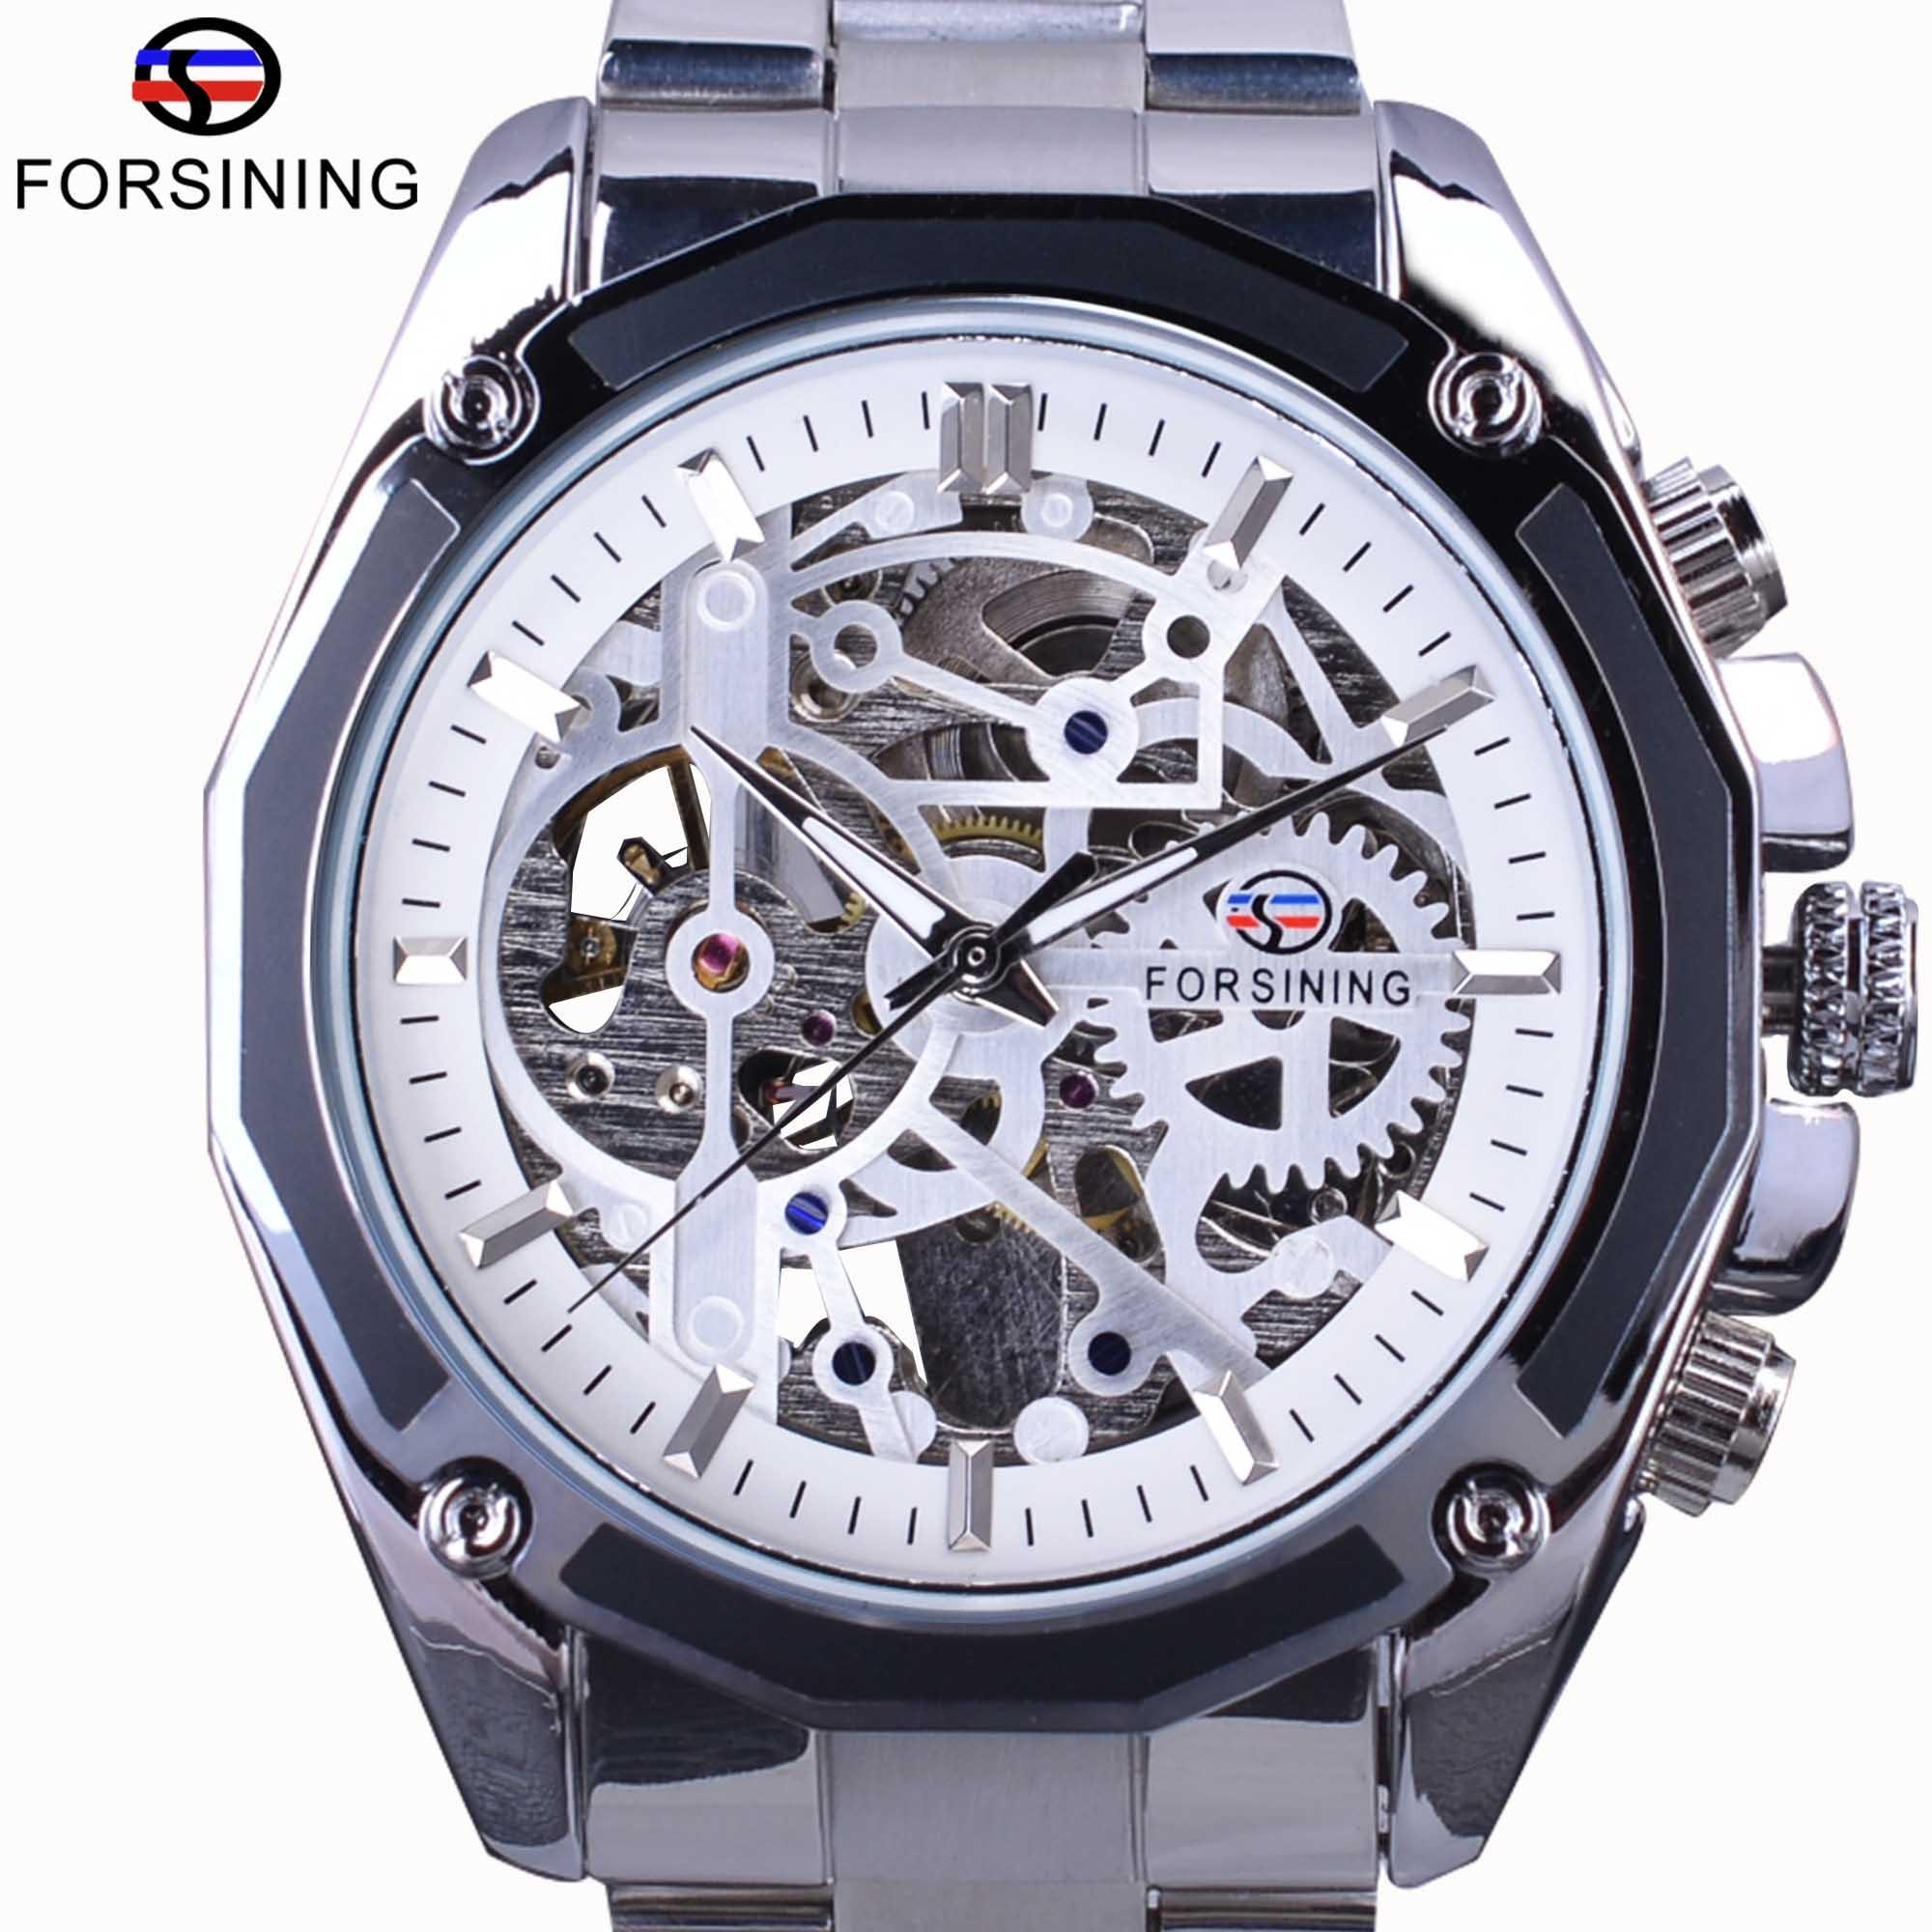 Us25 Steampunk Waterproof Automatische Herren Marke Getriebe Design Skeleton 99forsining In Silber Luxus Mechanische Armbanduhr Top Uhren Stahl fg6Ybv7y